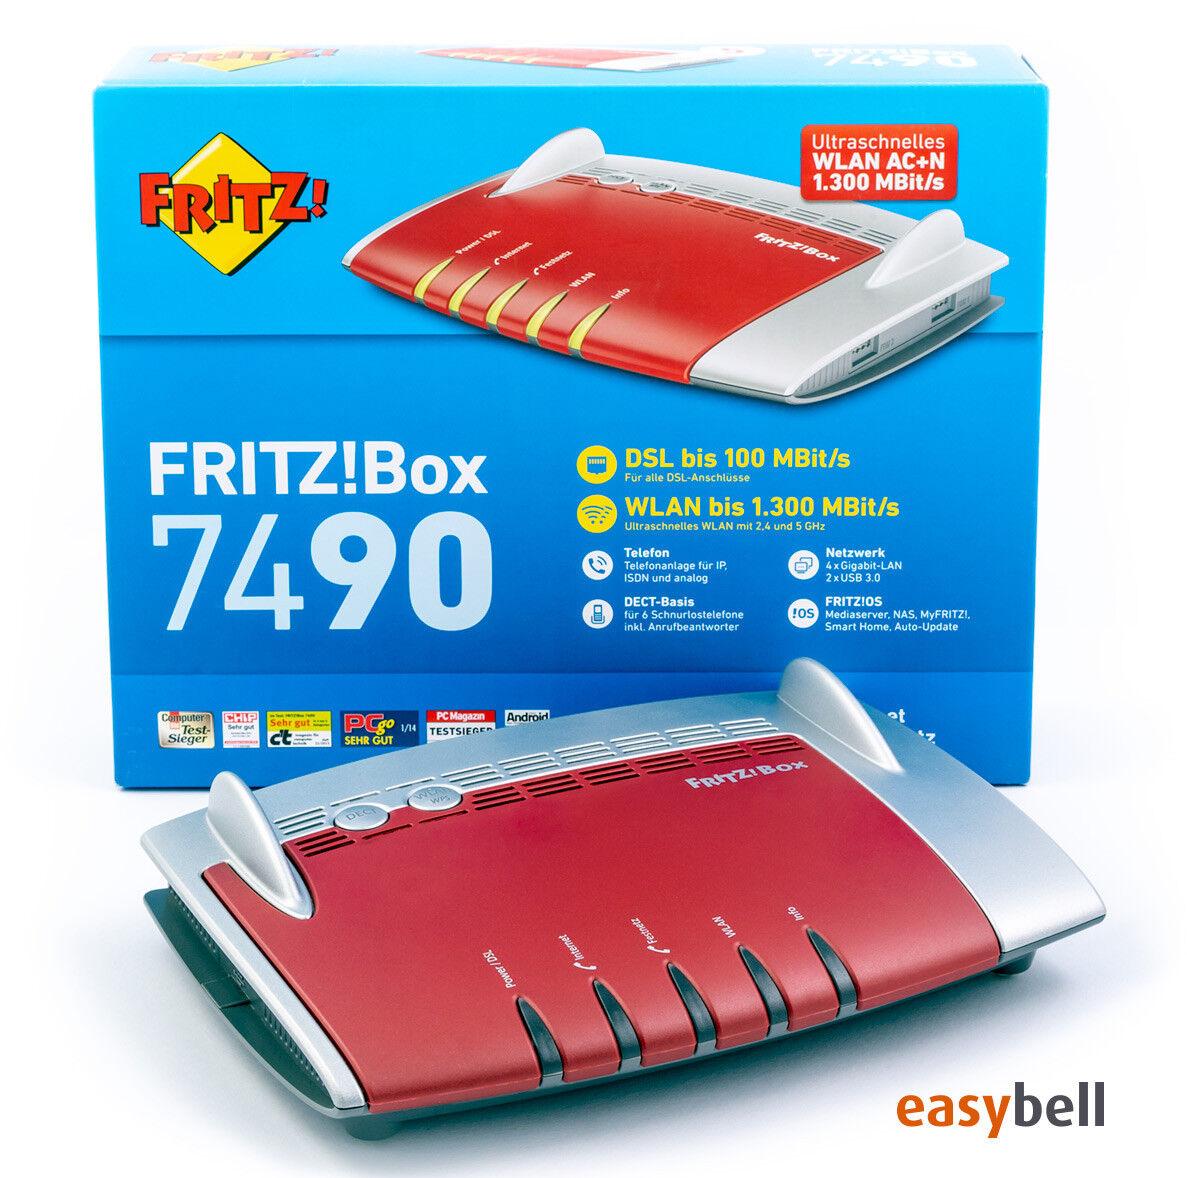 AVM Fritz!Box / fritzbox 7490 WLAN AC Router, VDSL Vectoring Modem, wie neu